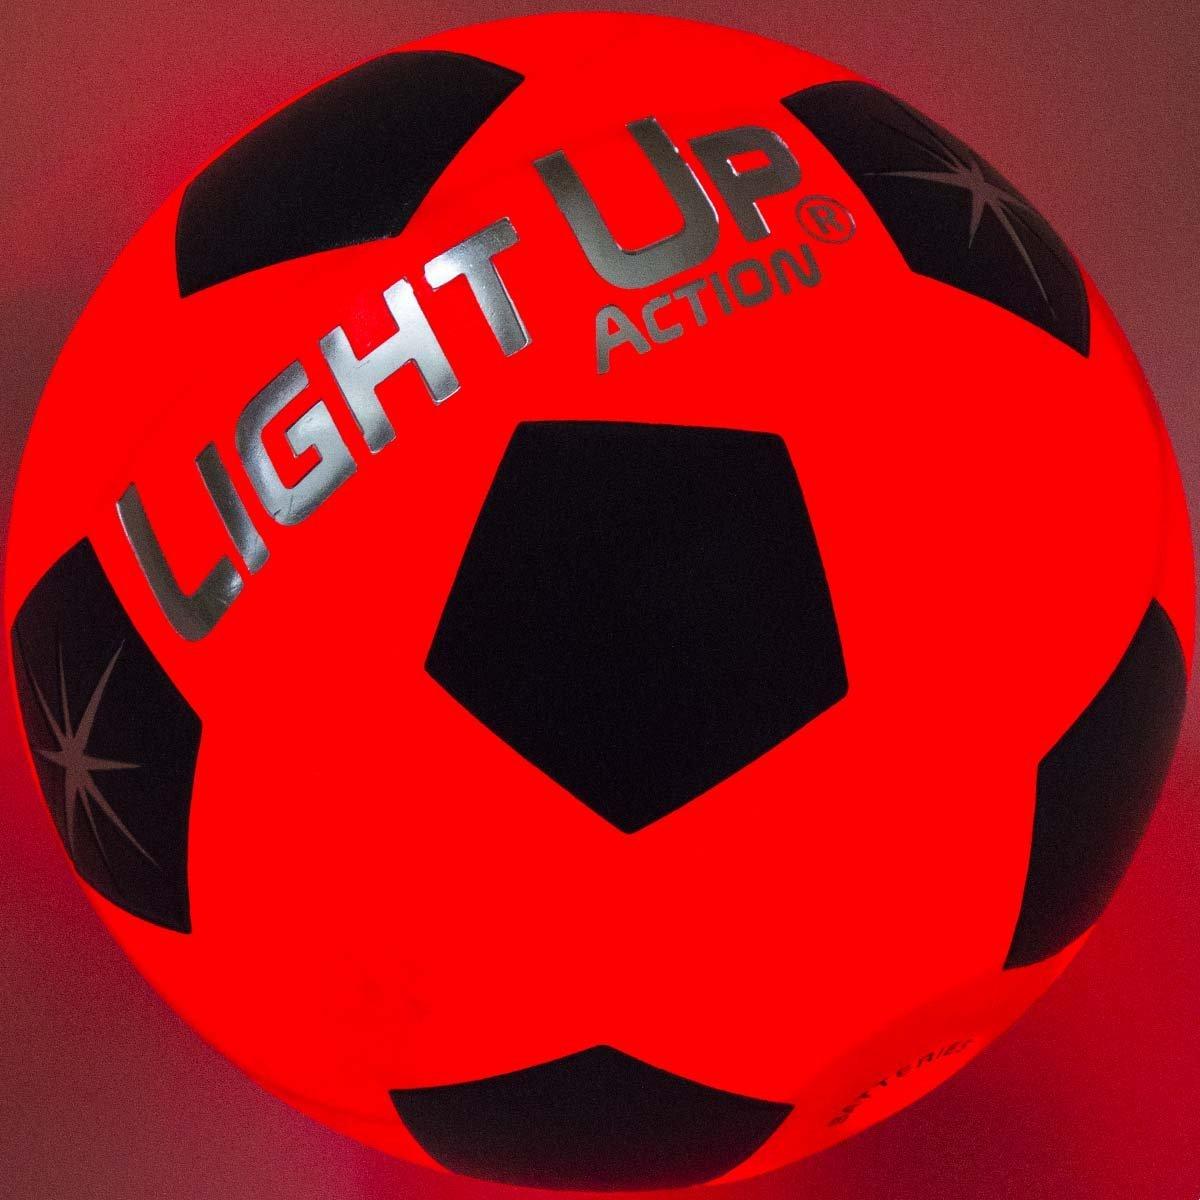 Light Up Action Light Up Soccer Ball - LED LIT - Traditional Soccer Ball, Size 5 by Light Up Action